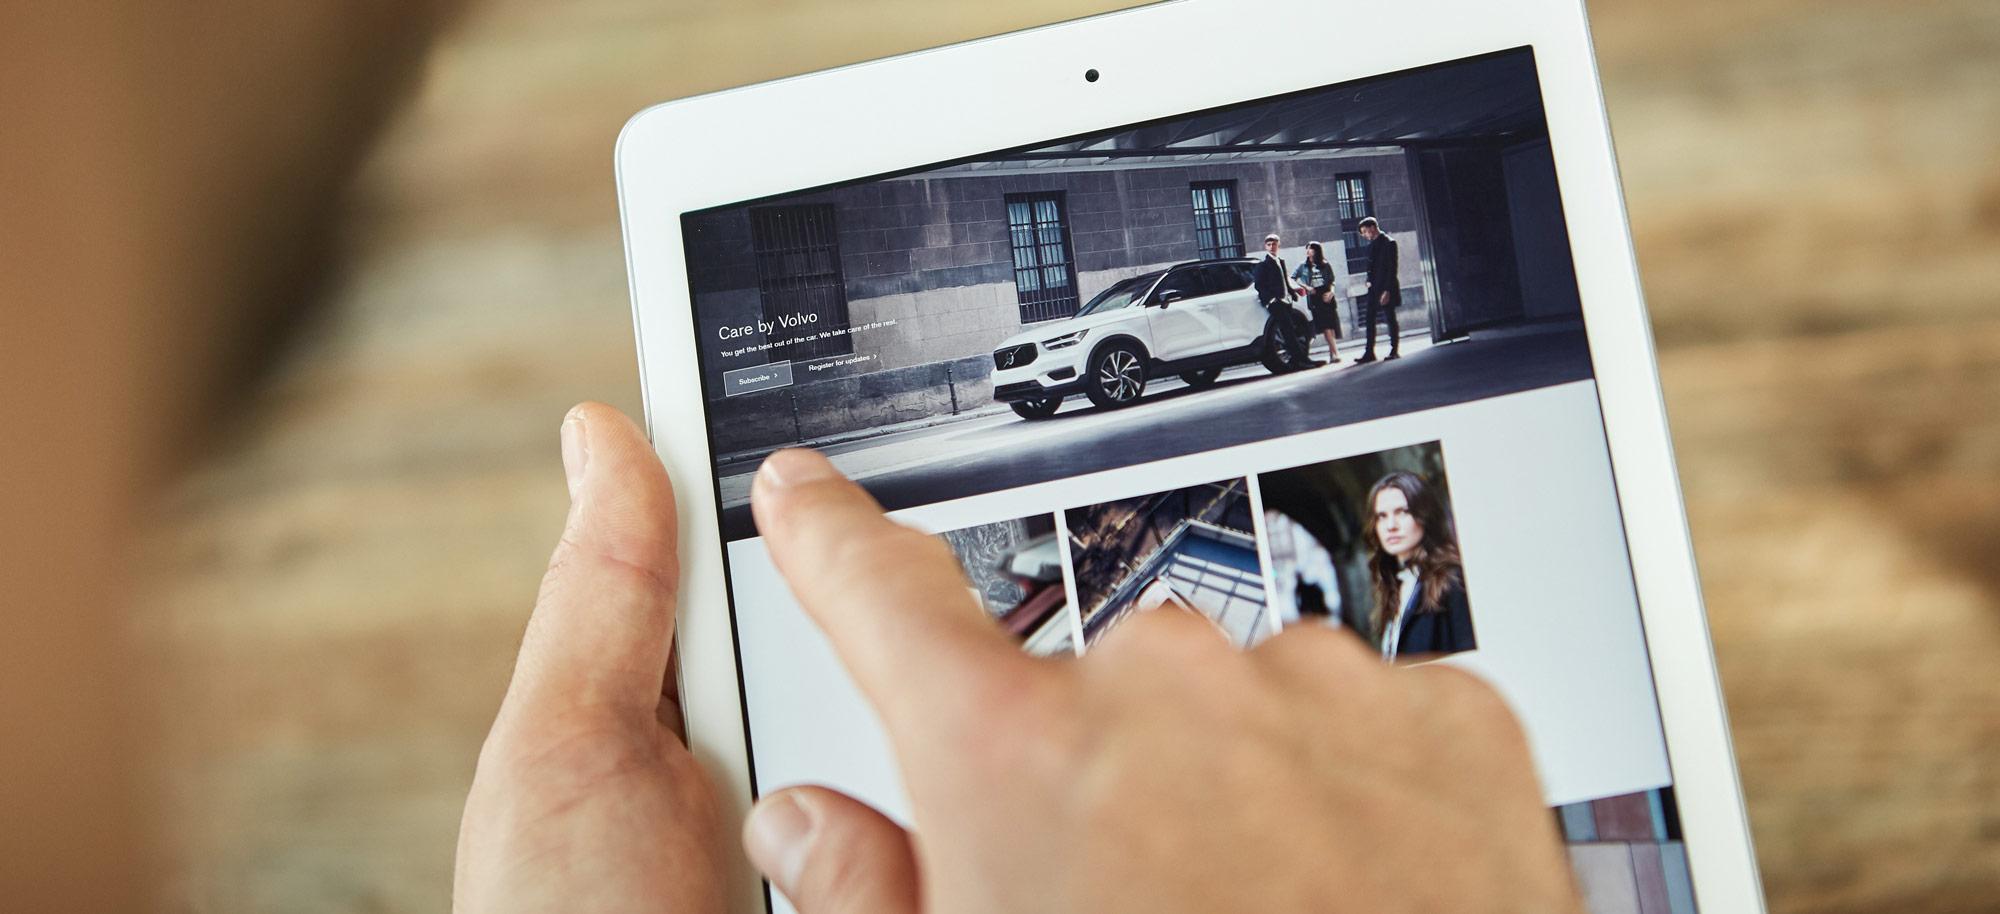 """Volvo (""""Care by Volvo""""), Seat (""""Conquar"""") oder Volkswagen (""""Abo-a-car"""") gehören zu den markenspezifischen Vorreitern beim Auto-Abo. Foto: Volvo"""